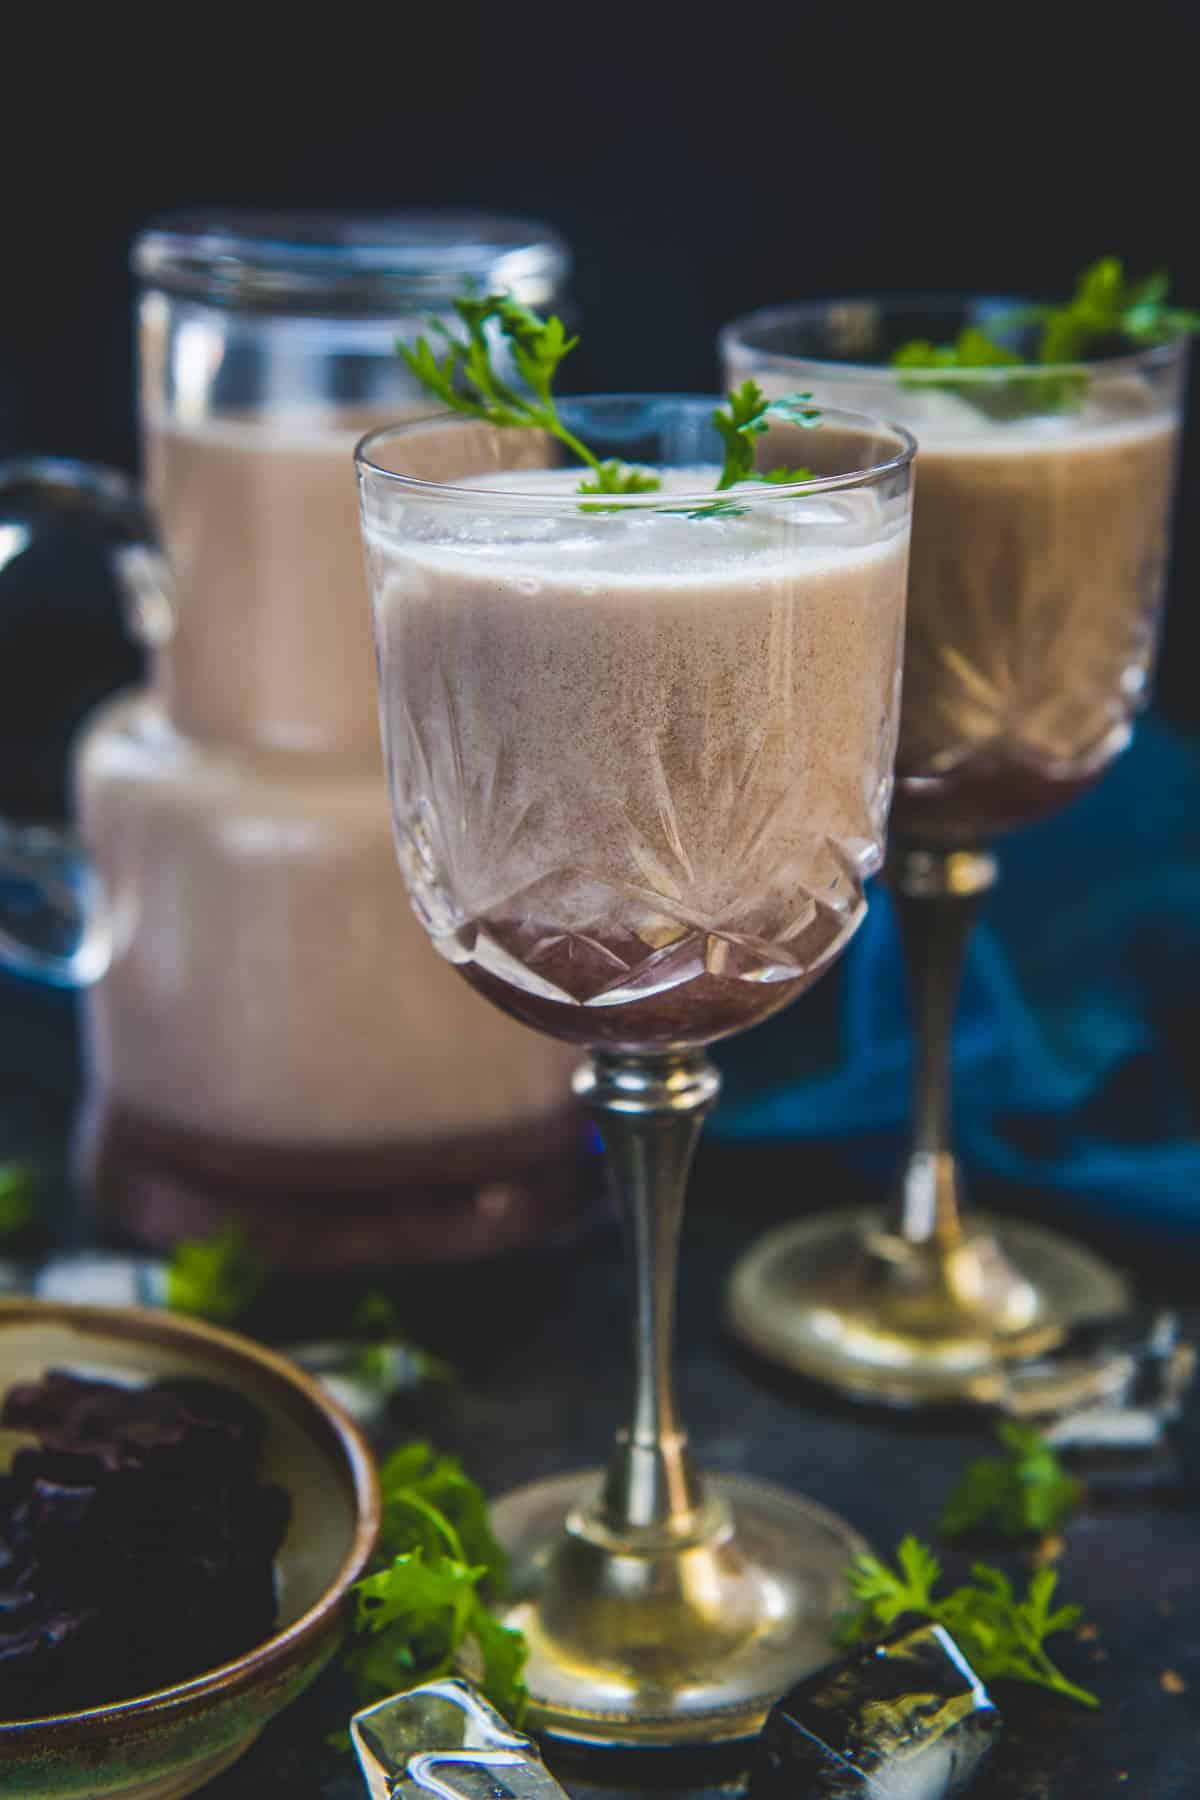 Solkadhi served in a glass.